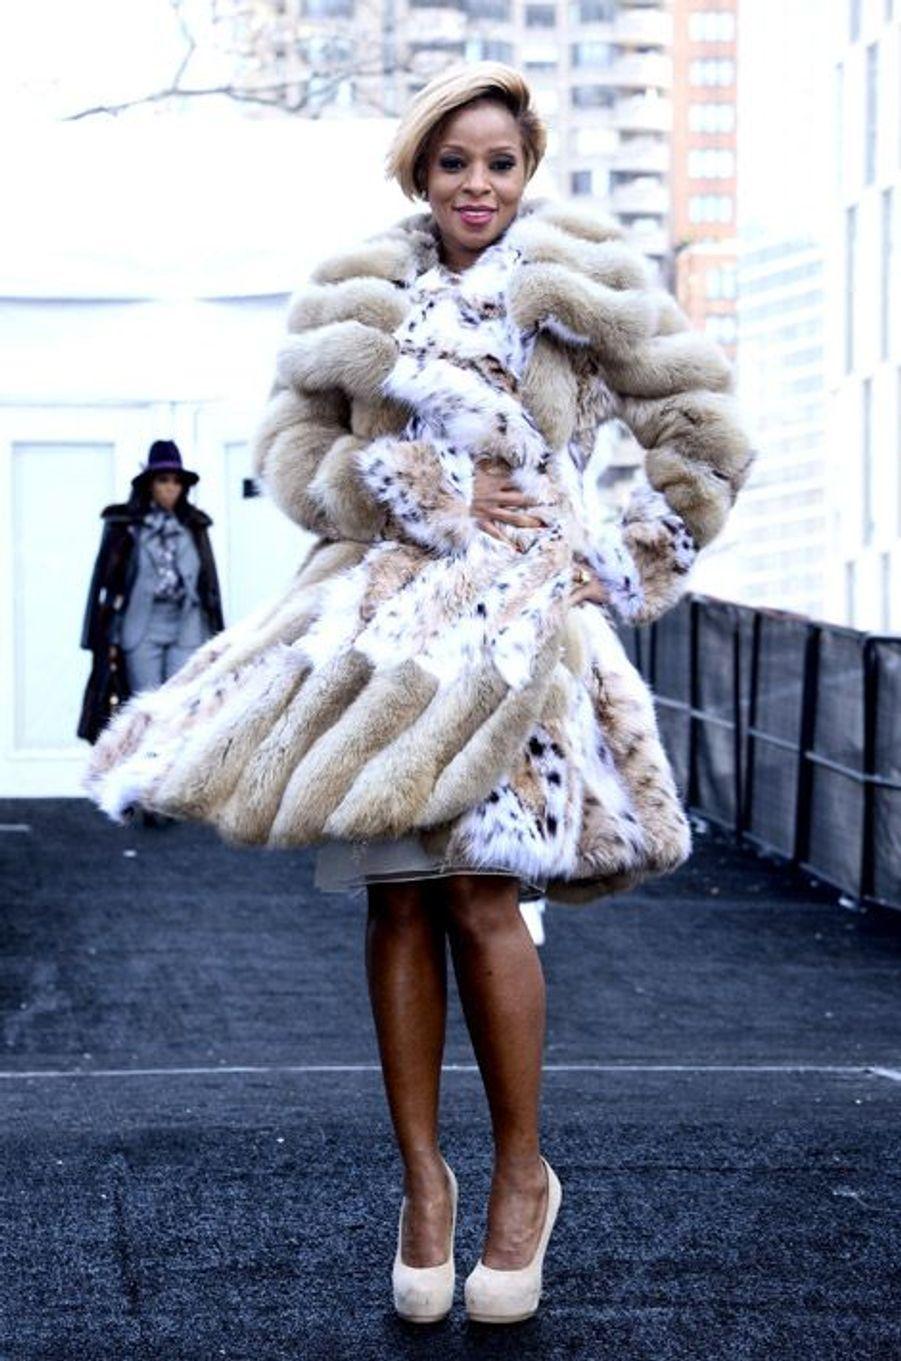 La chanteuse américaine Mary J.Blige à New York, le 10 février 2014 pendant la Fashion Week